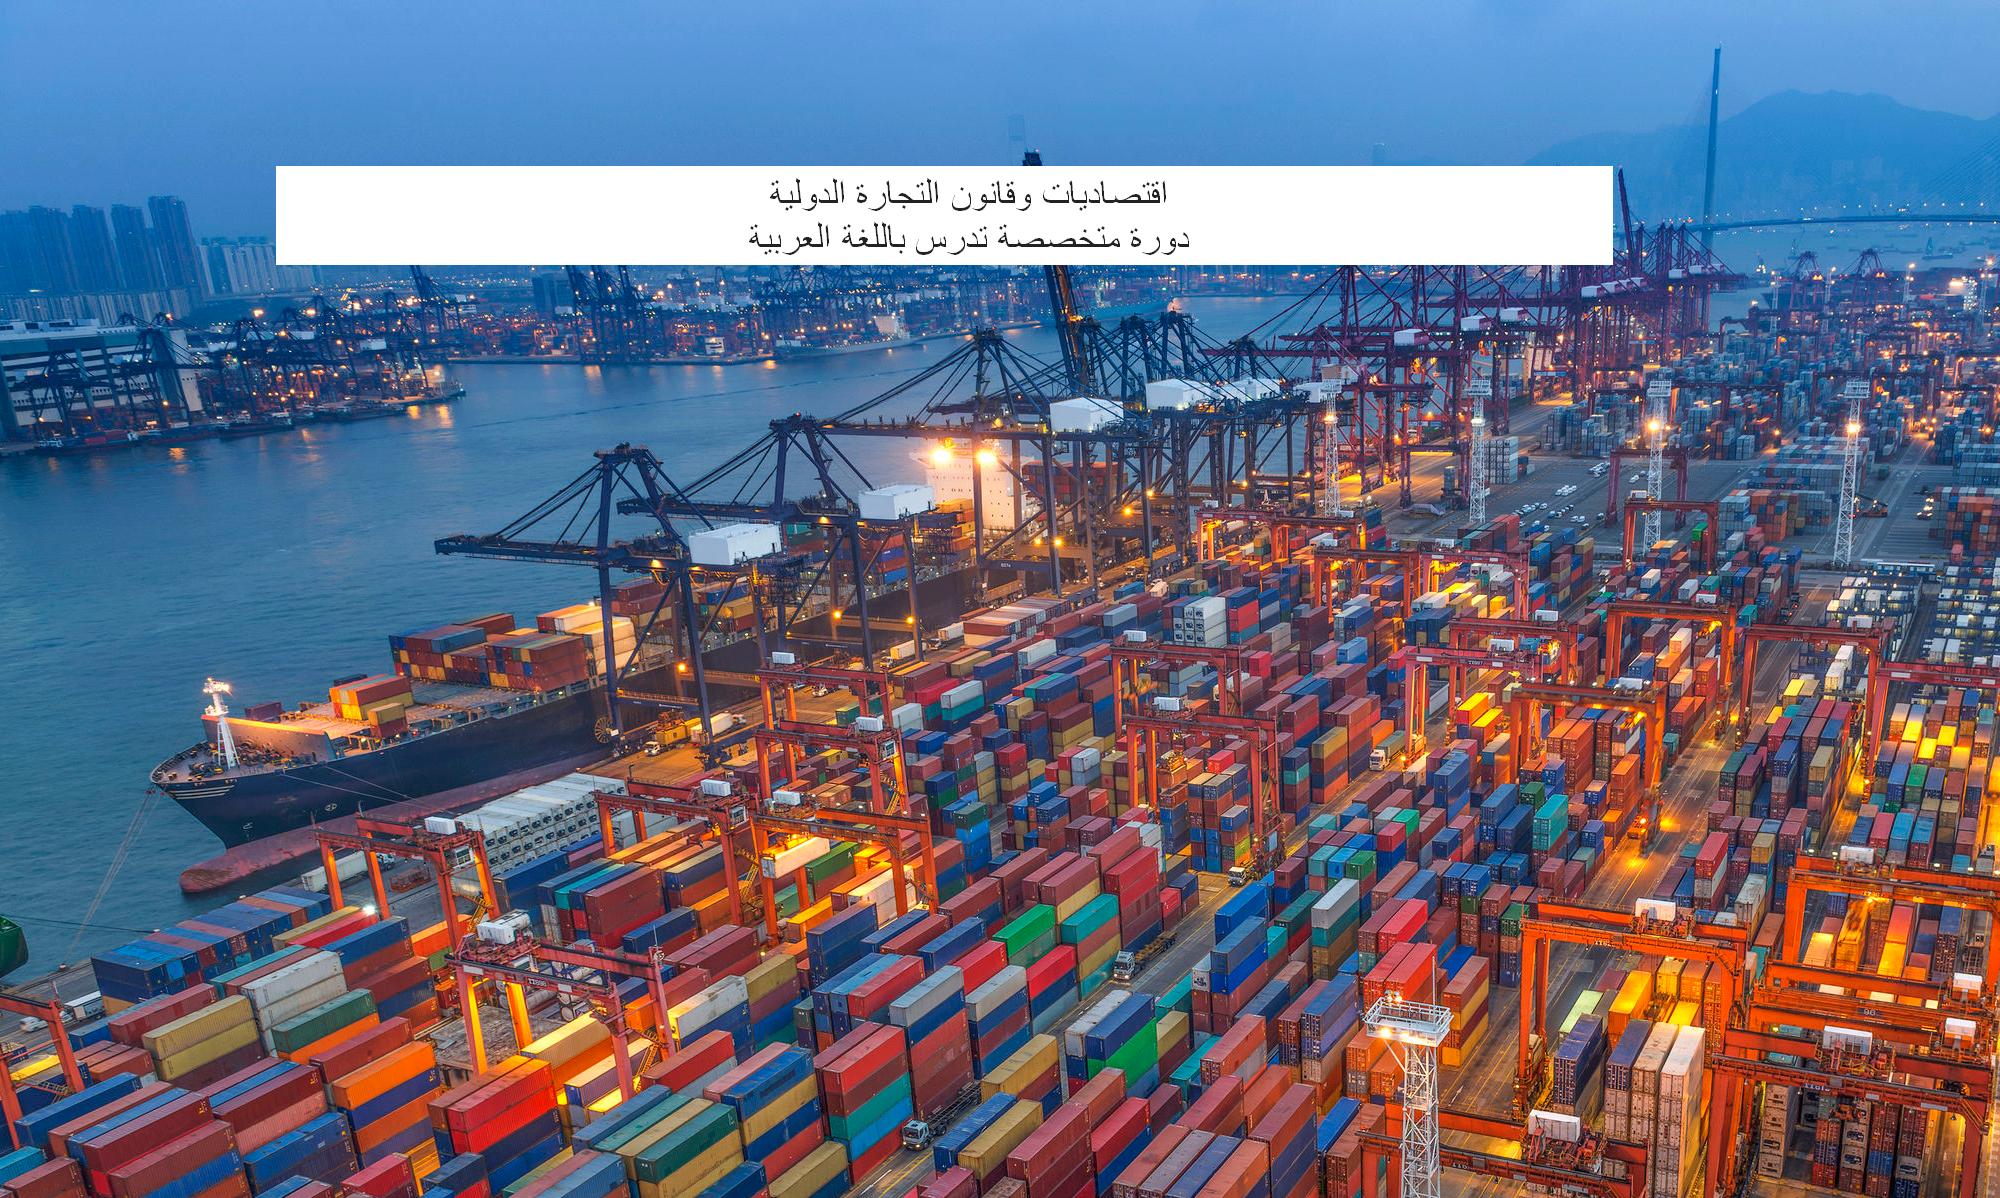 الجوانب الاقتصادية والقانونية للتجارة الدولية